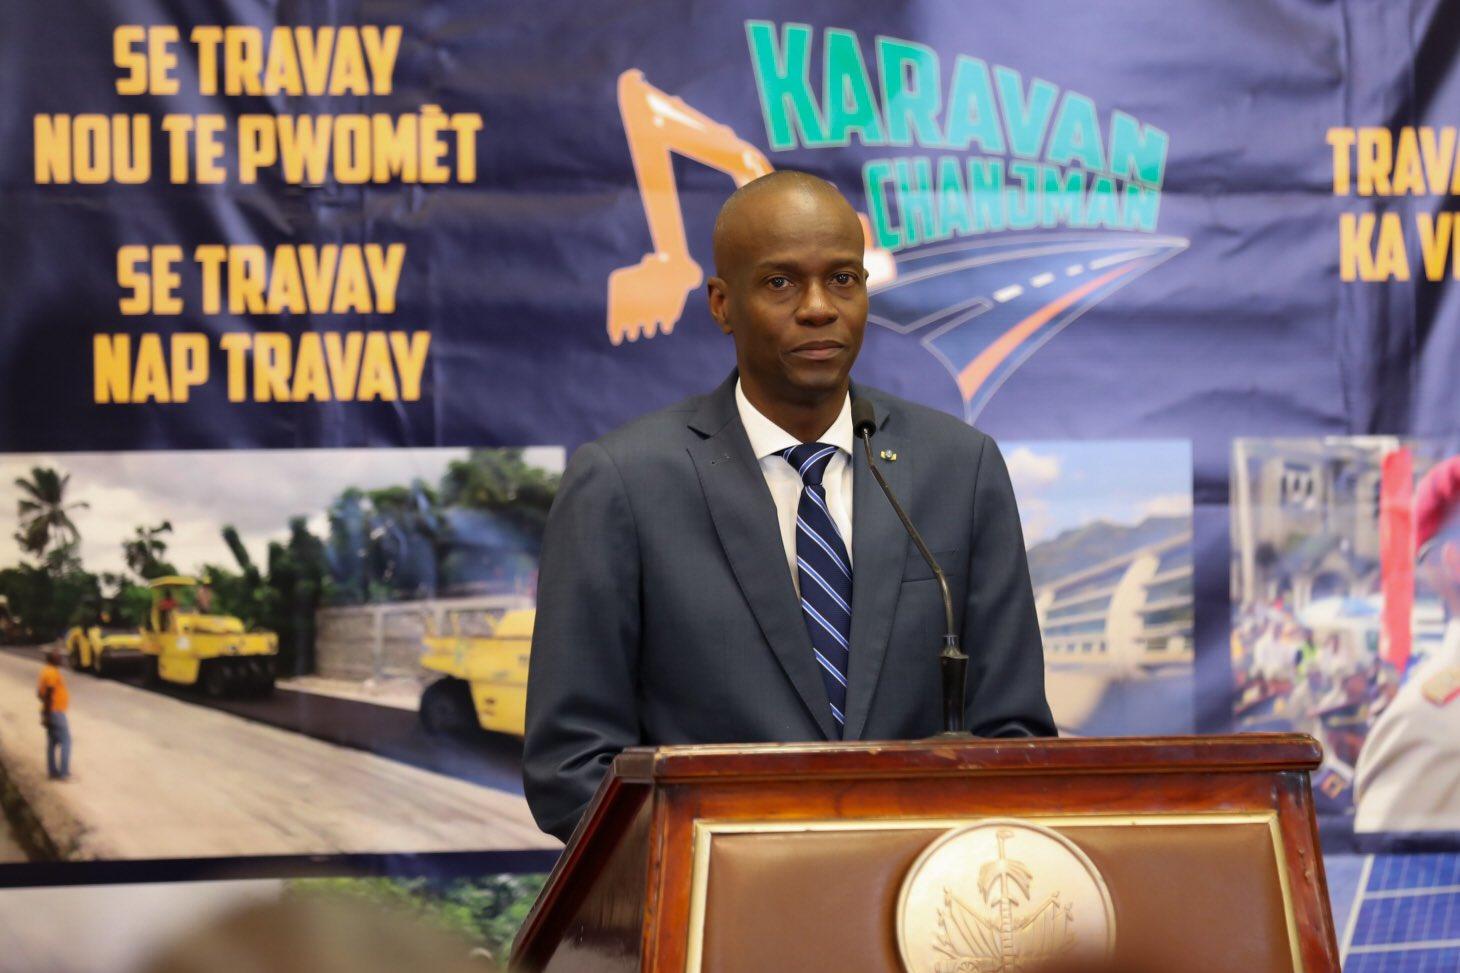 Le Président Jovenel Moise à la conférence-bilan, le 6 février